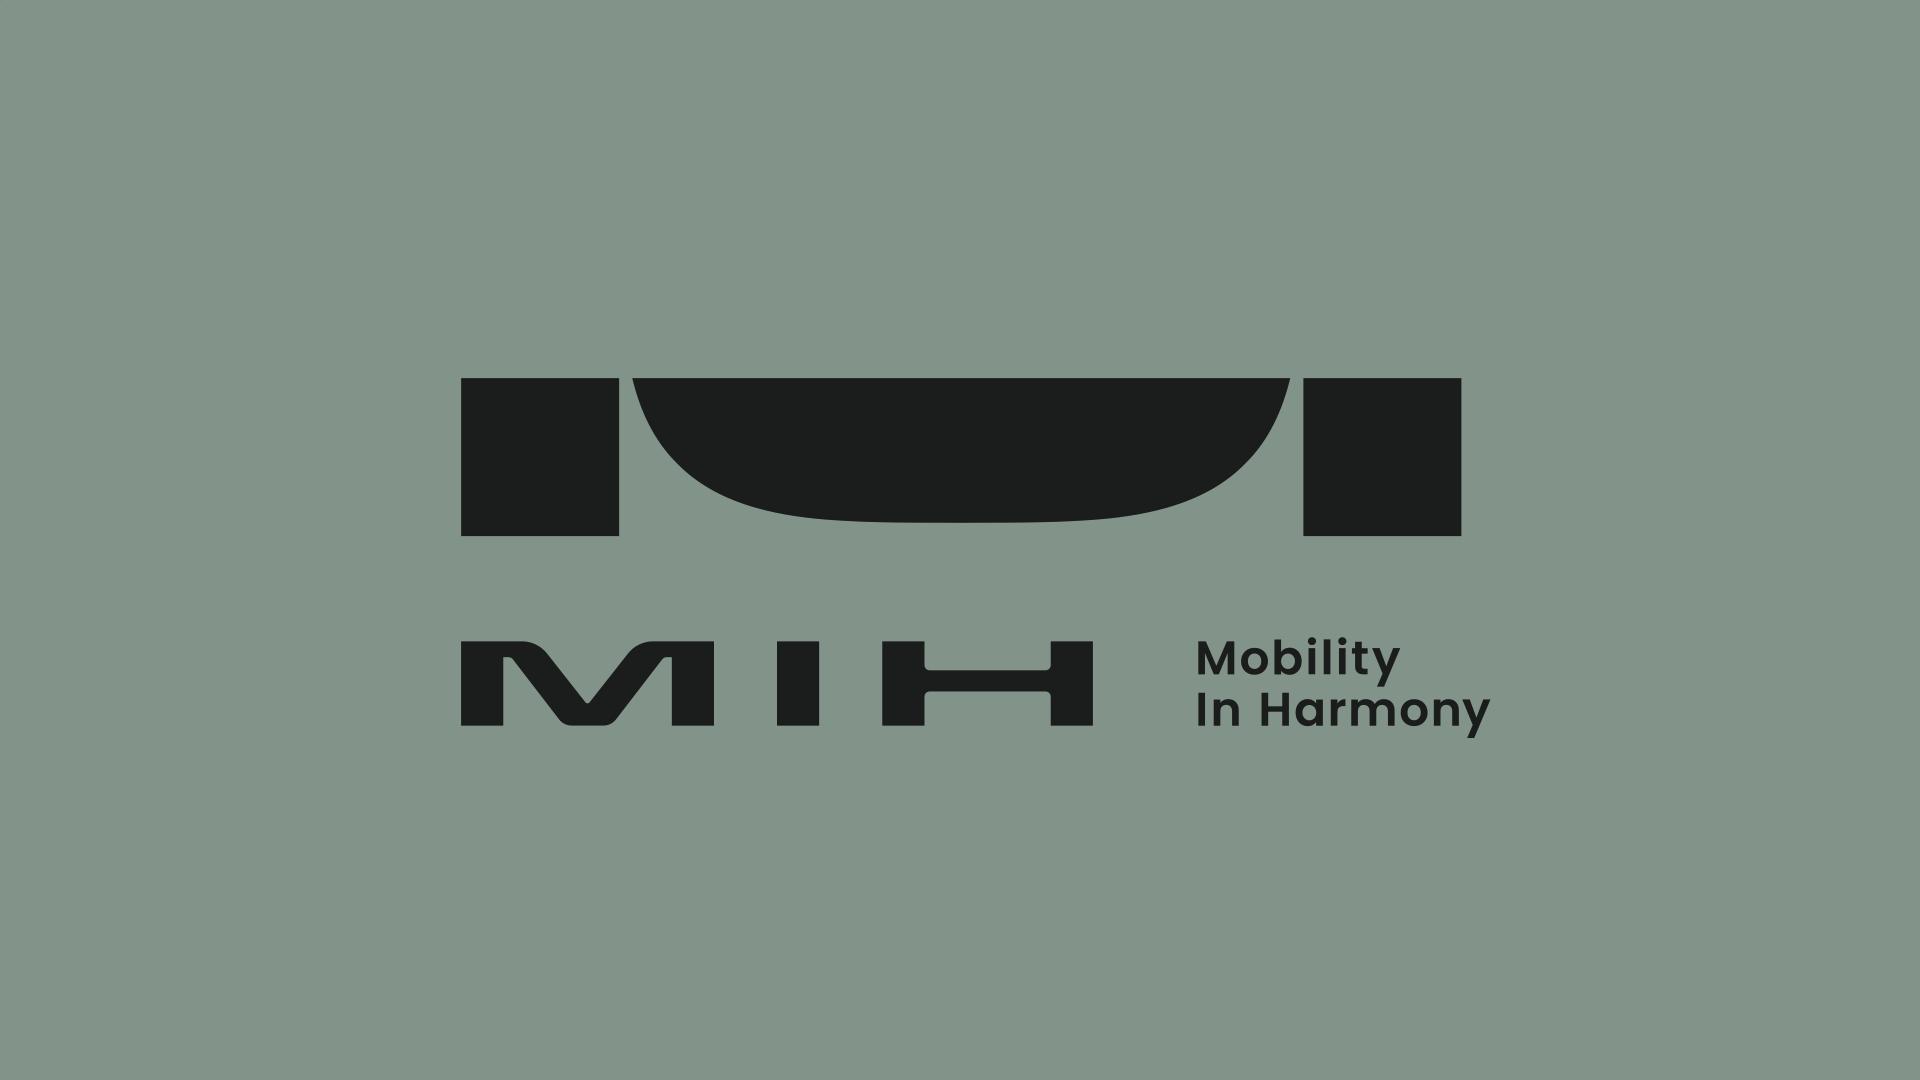 6/25 MIH Consortium 成立大會投影片發布